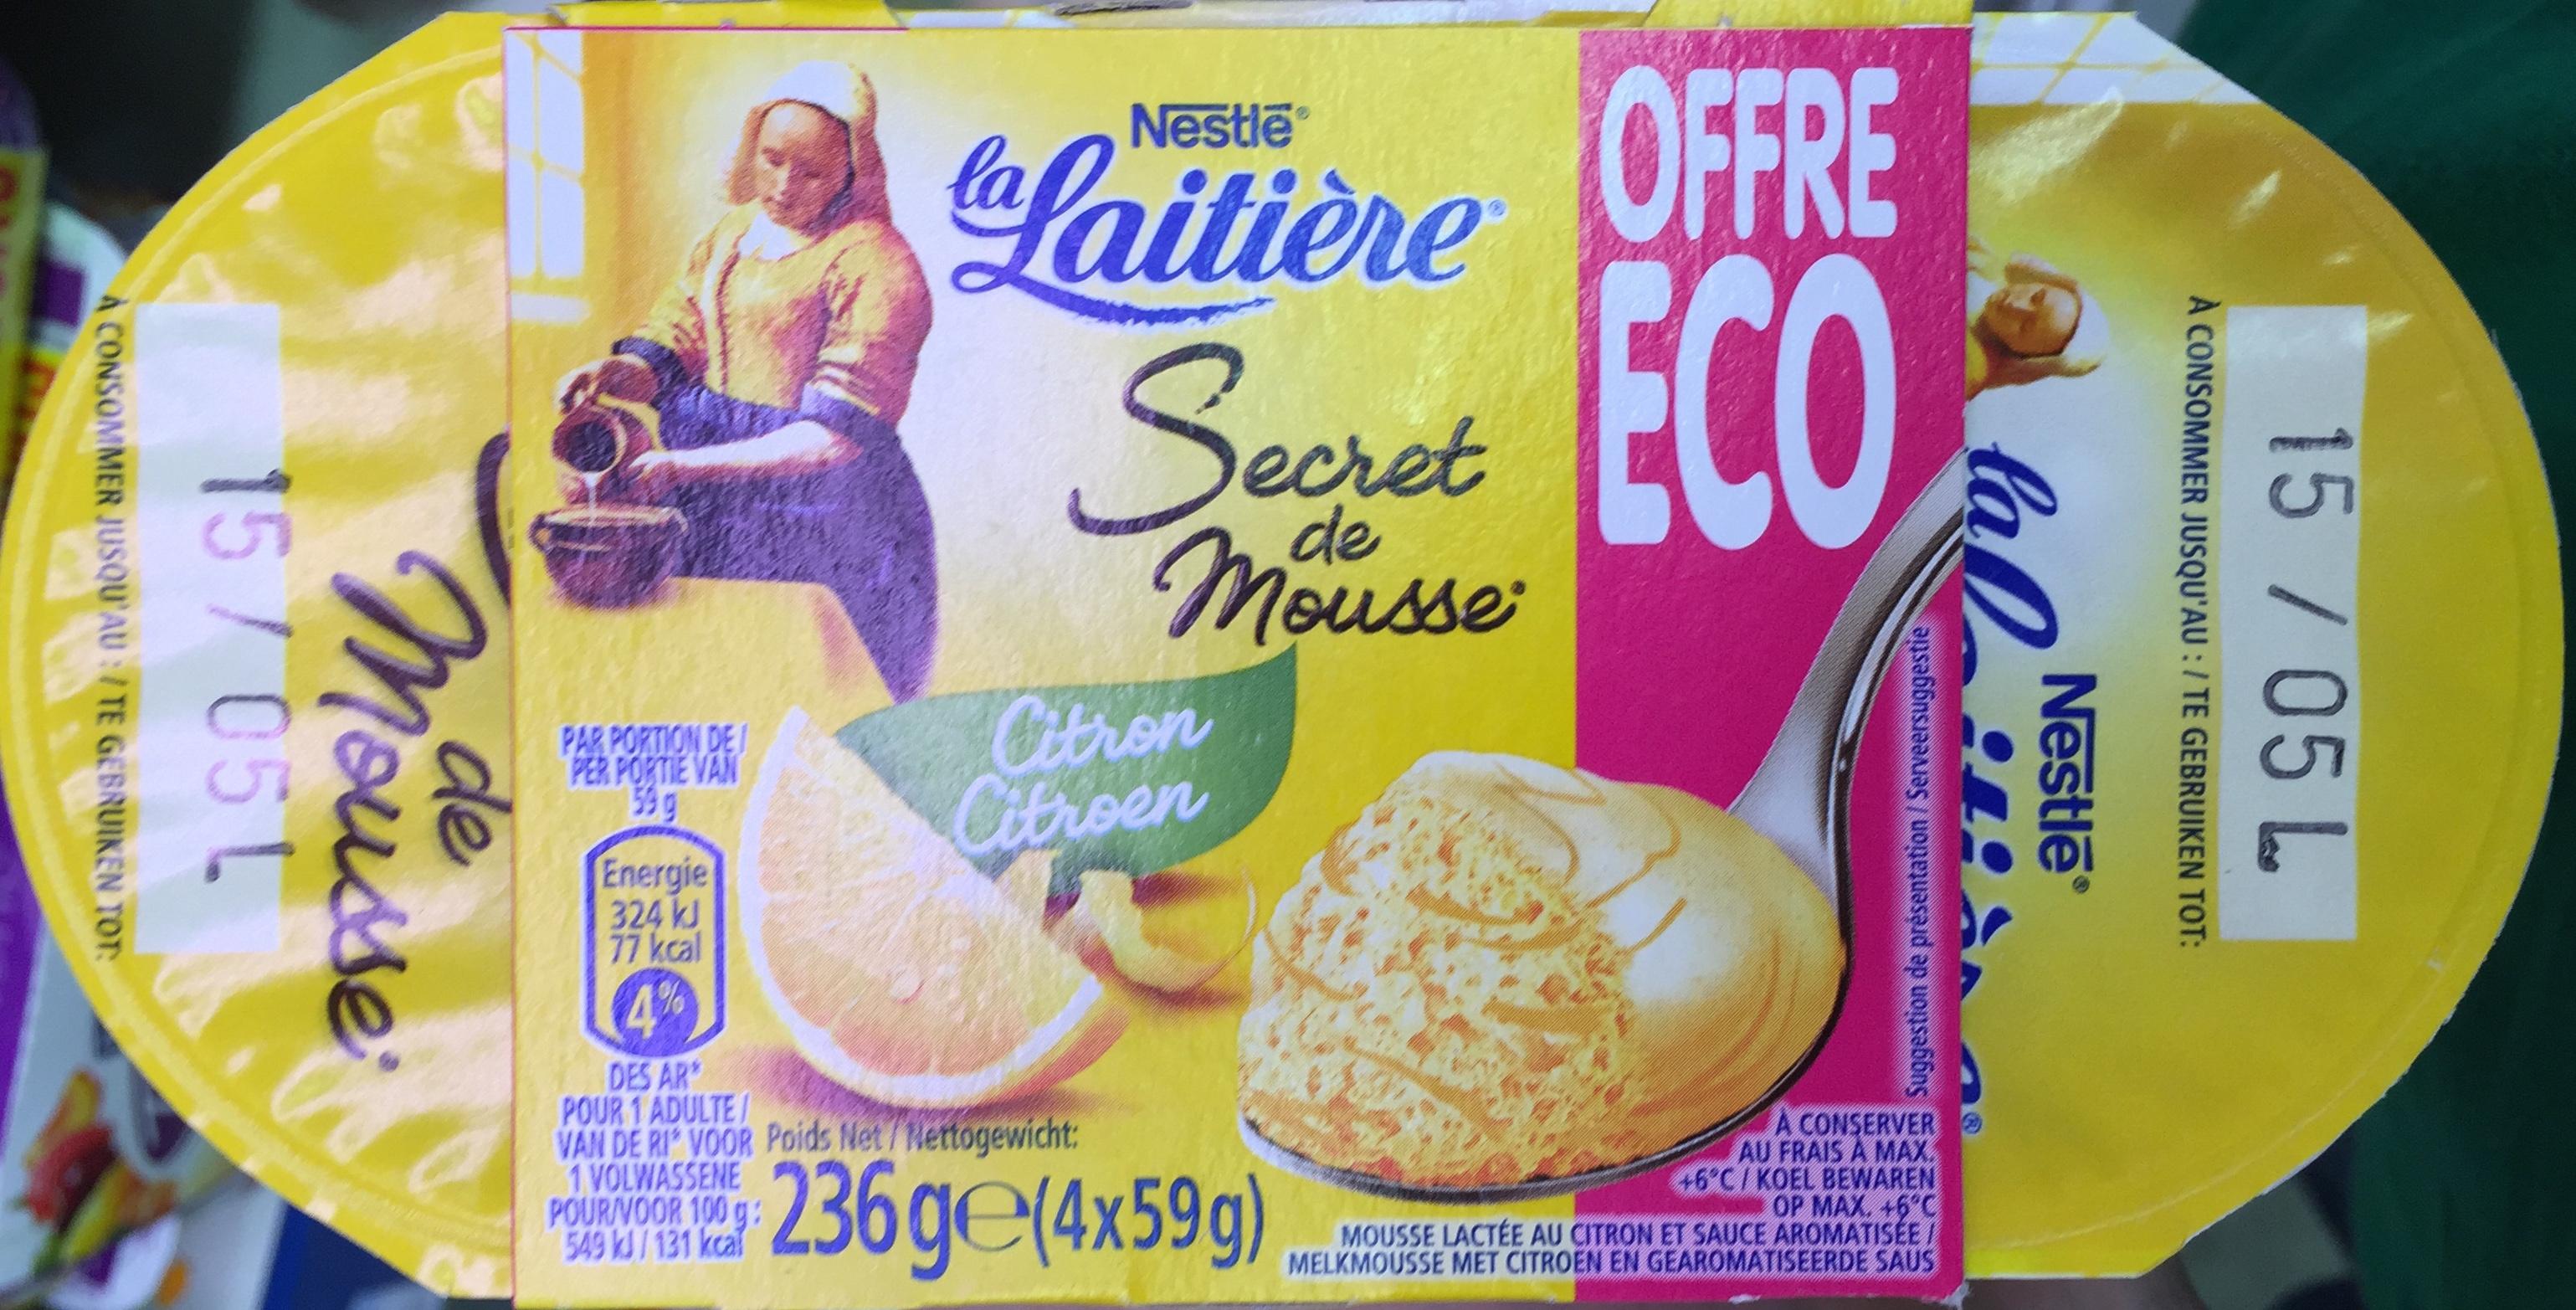 Secret de Mousse Citron (4 Pots) Offre Eco - Product - fr